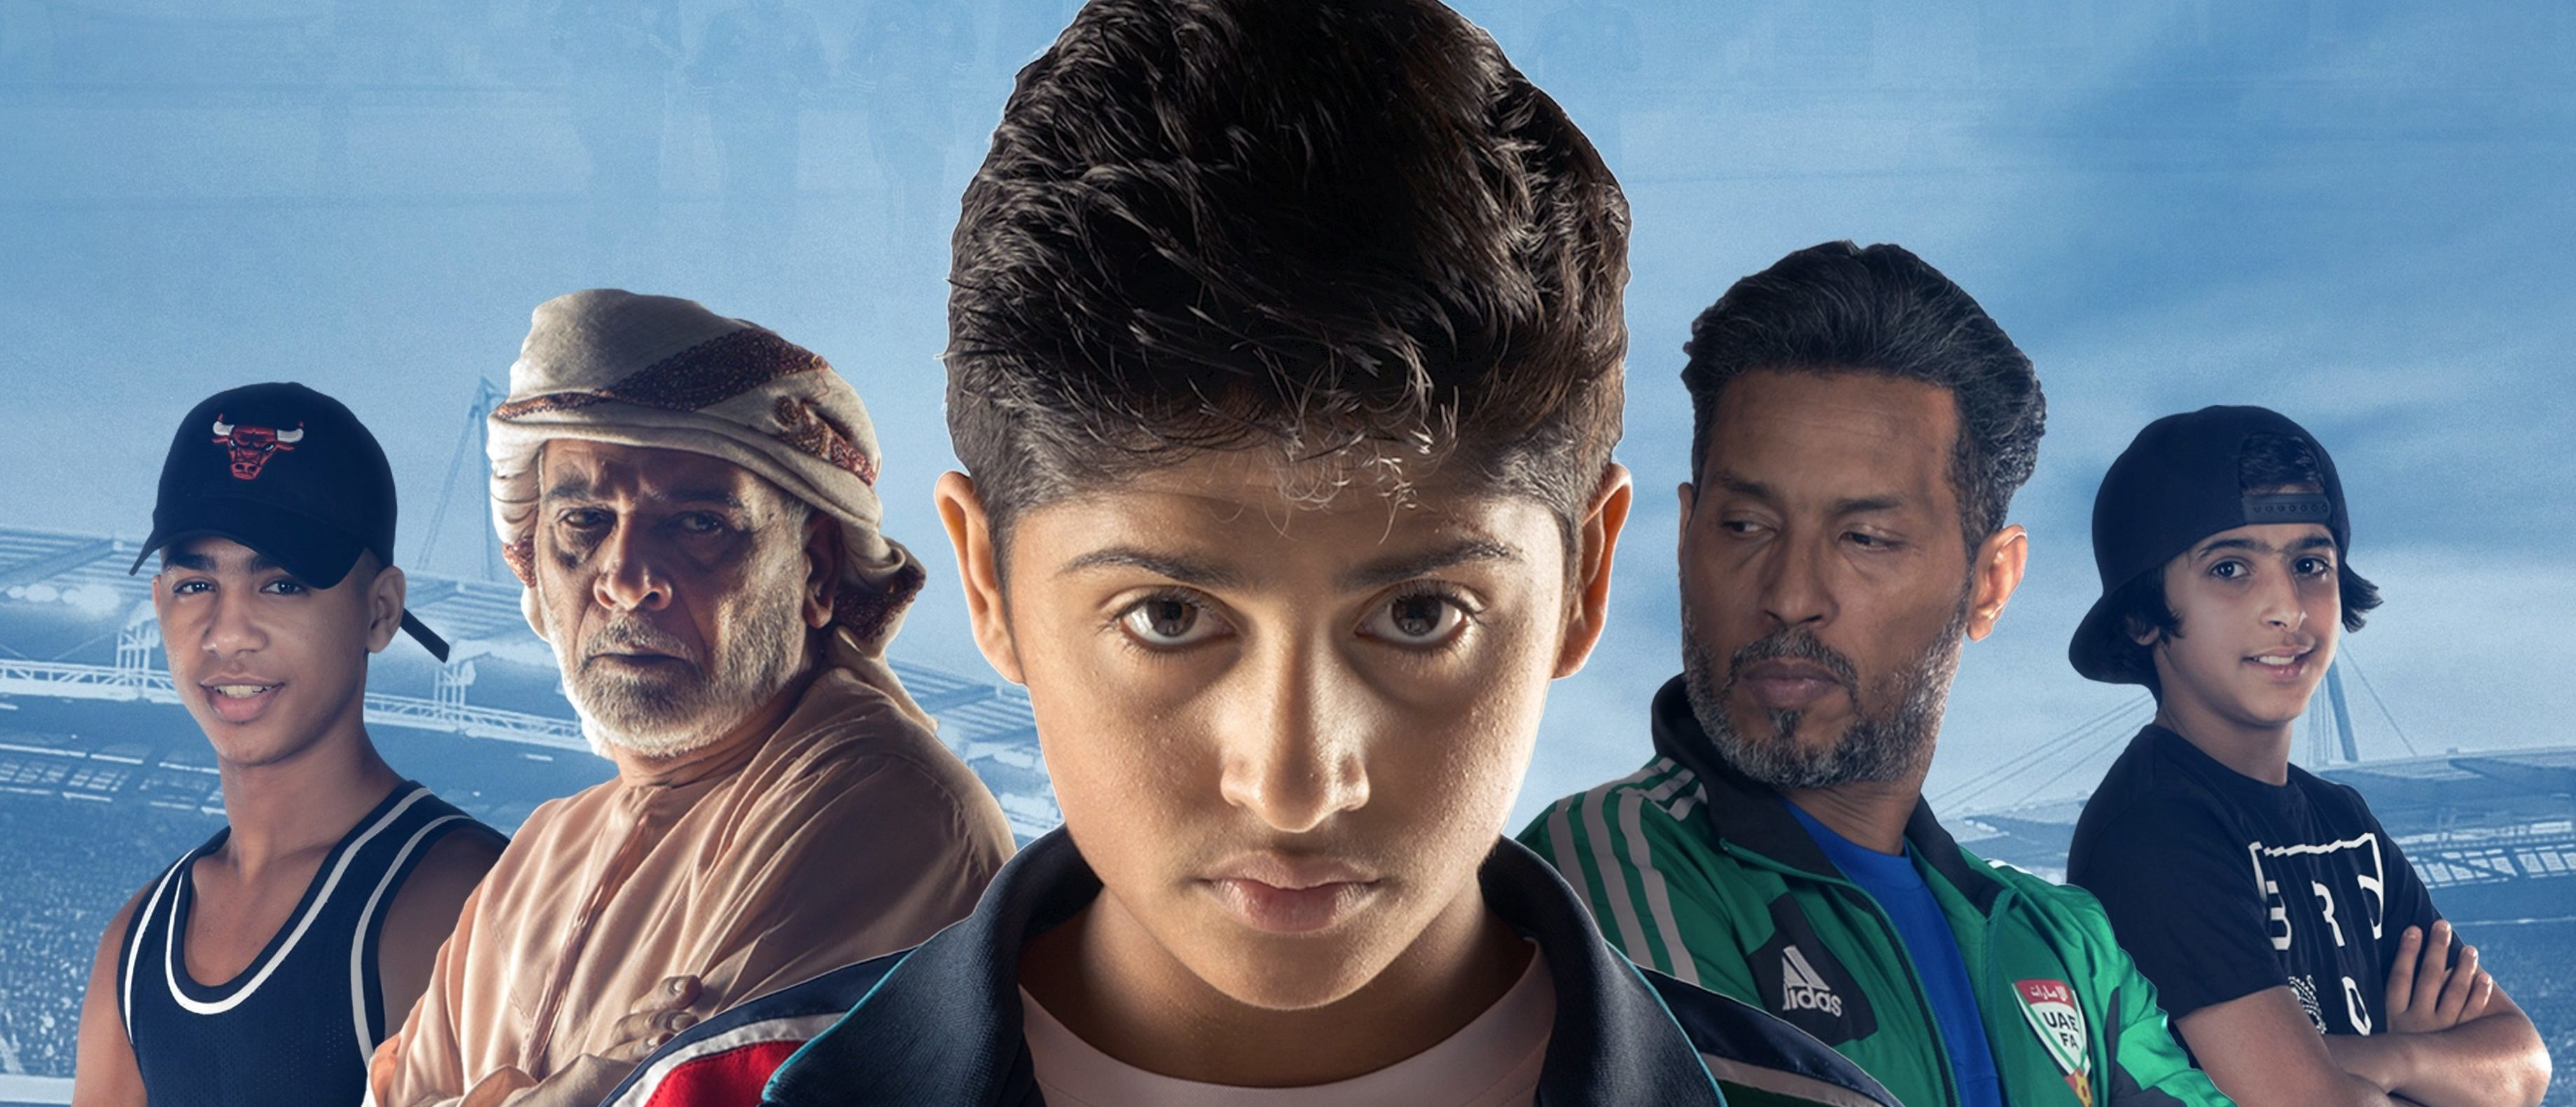 """فيلم عن """"عموري"""" نجم الكرة الاماراتي في صالات السينما في فبراير القادم"""